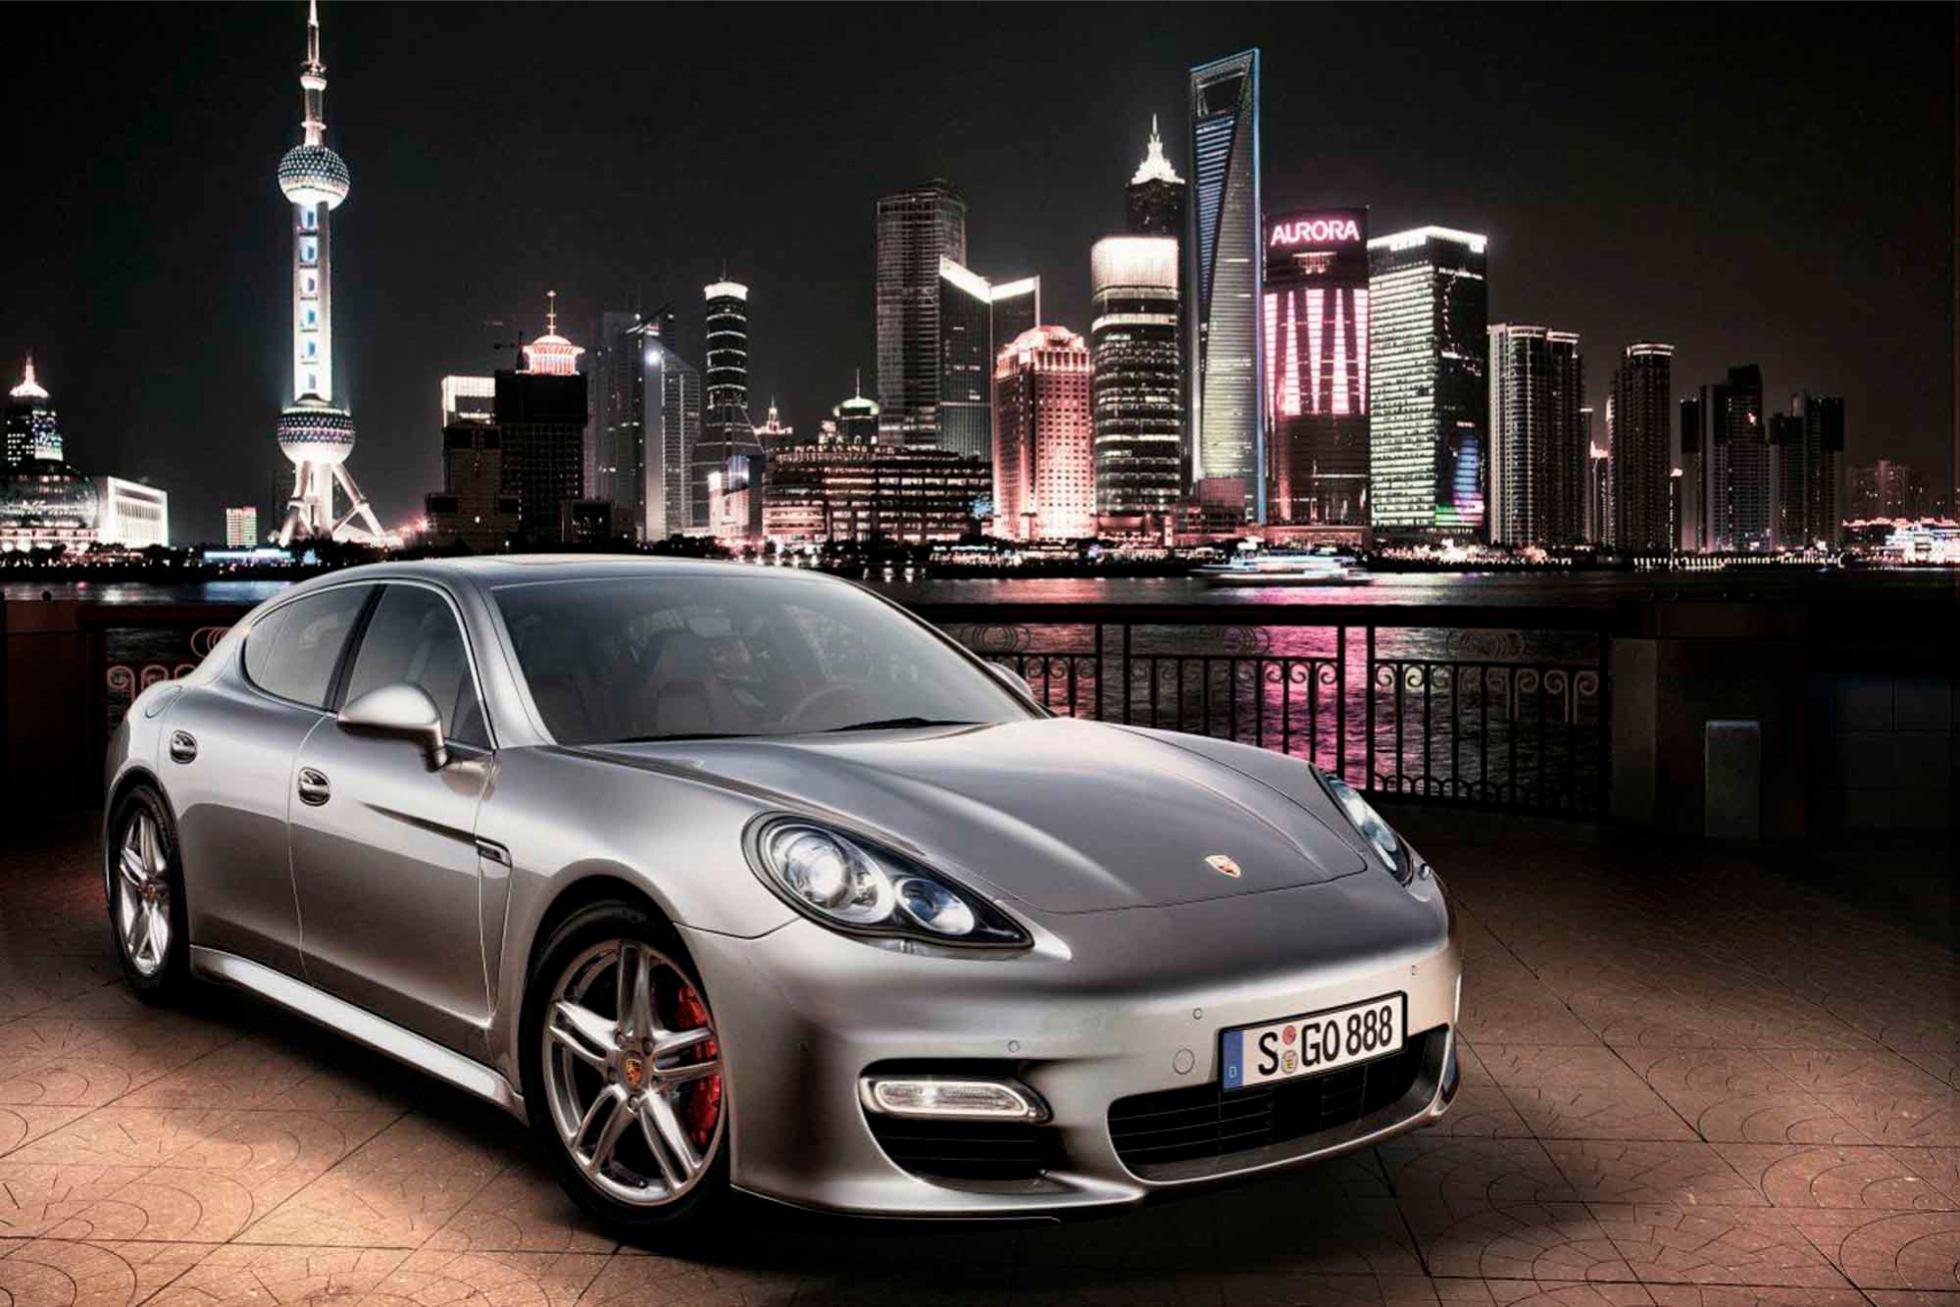 Porsche  PANAMERA    http://www.voiturepourlui.com/images/Porsche//Exterieur/Porsche_Panamera_009.jpg